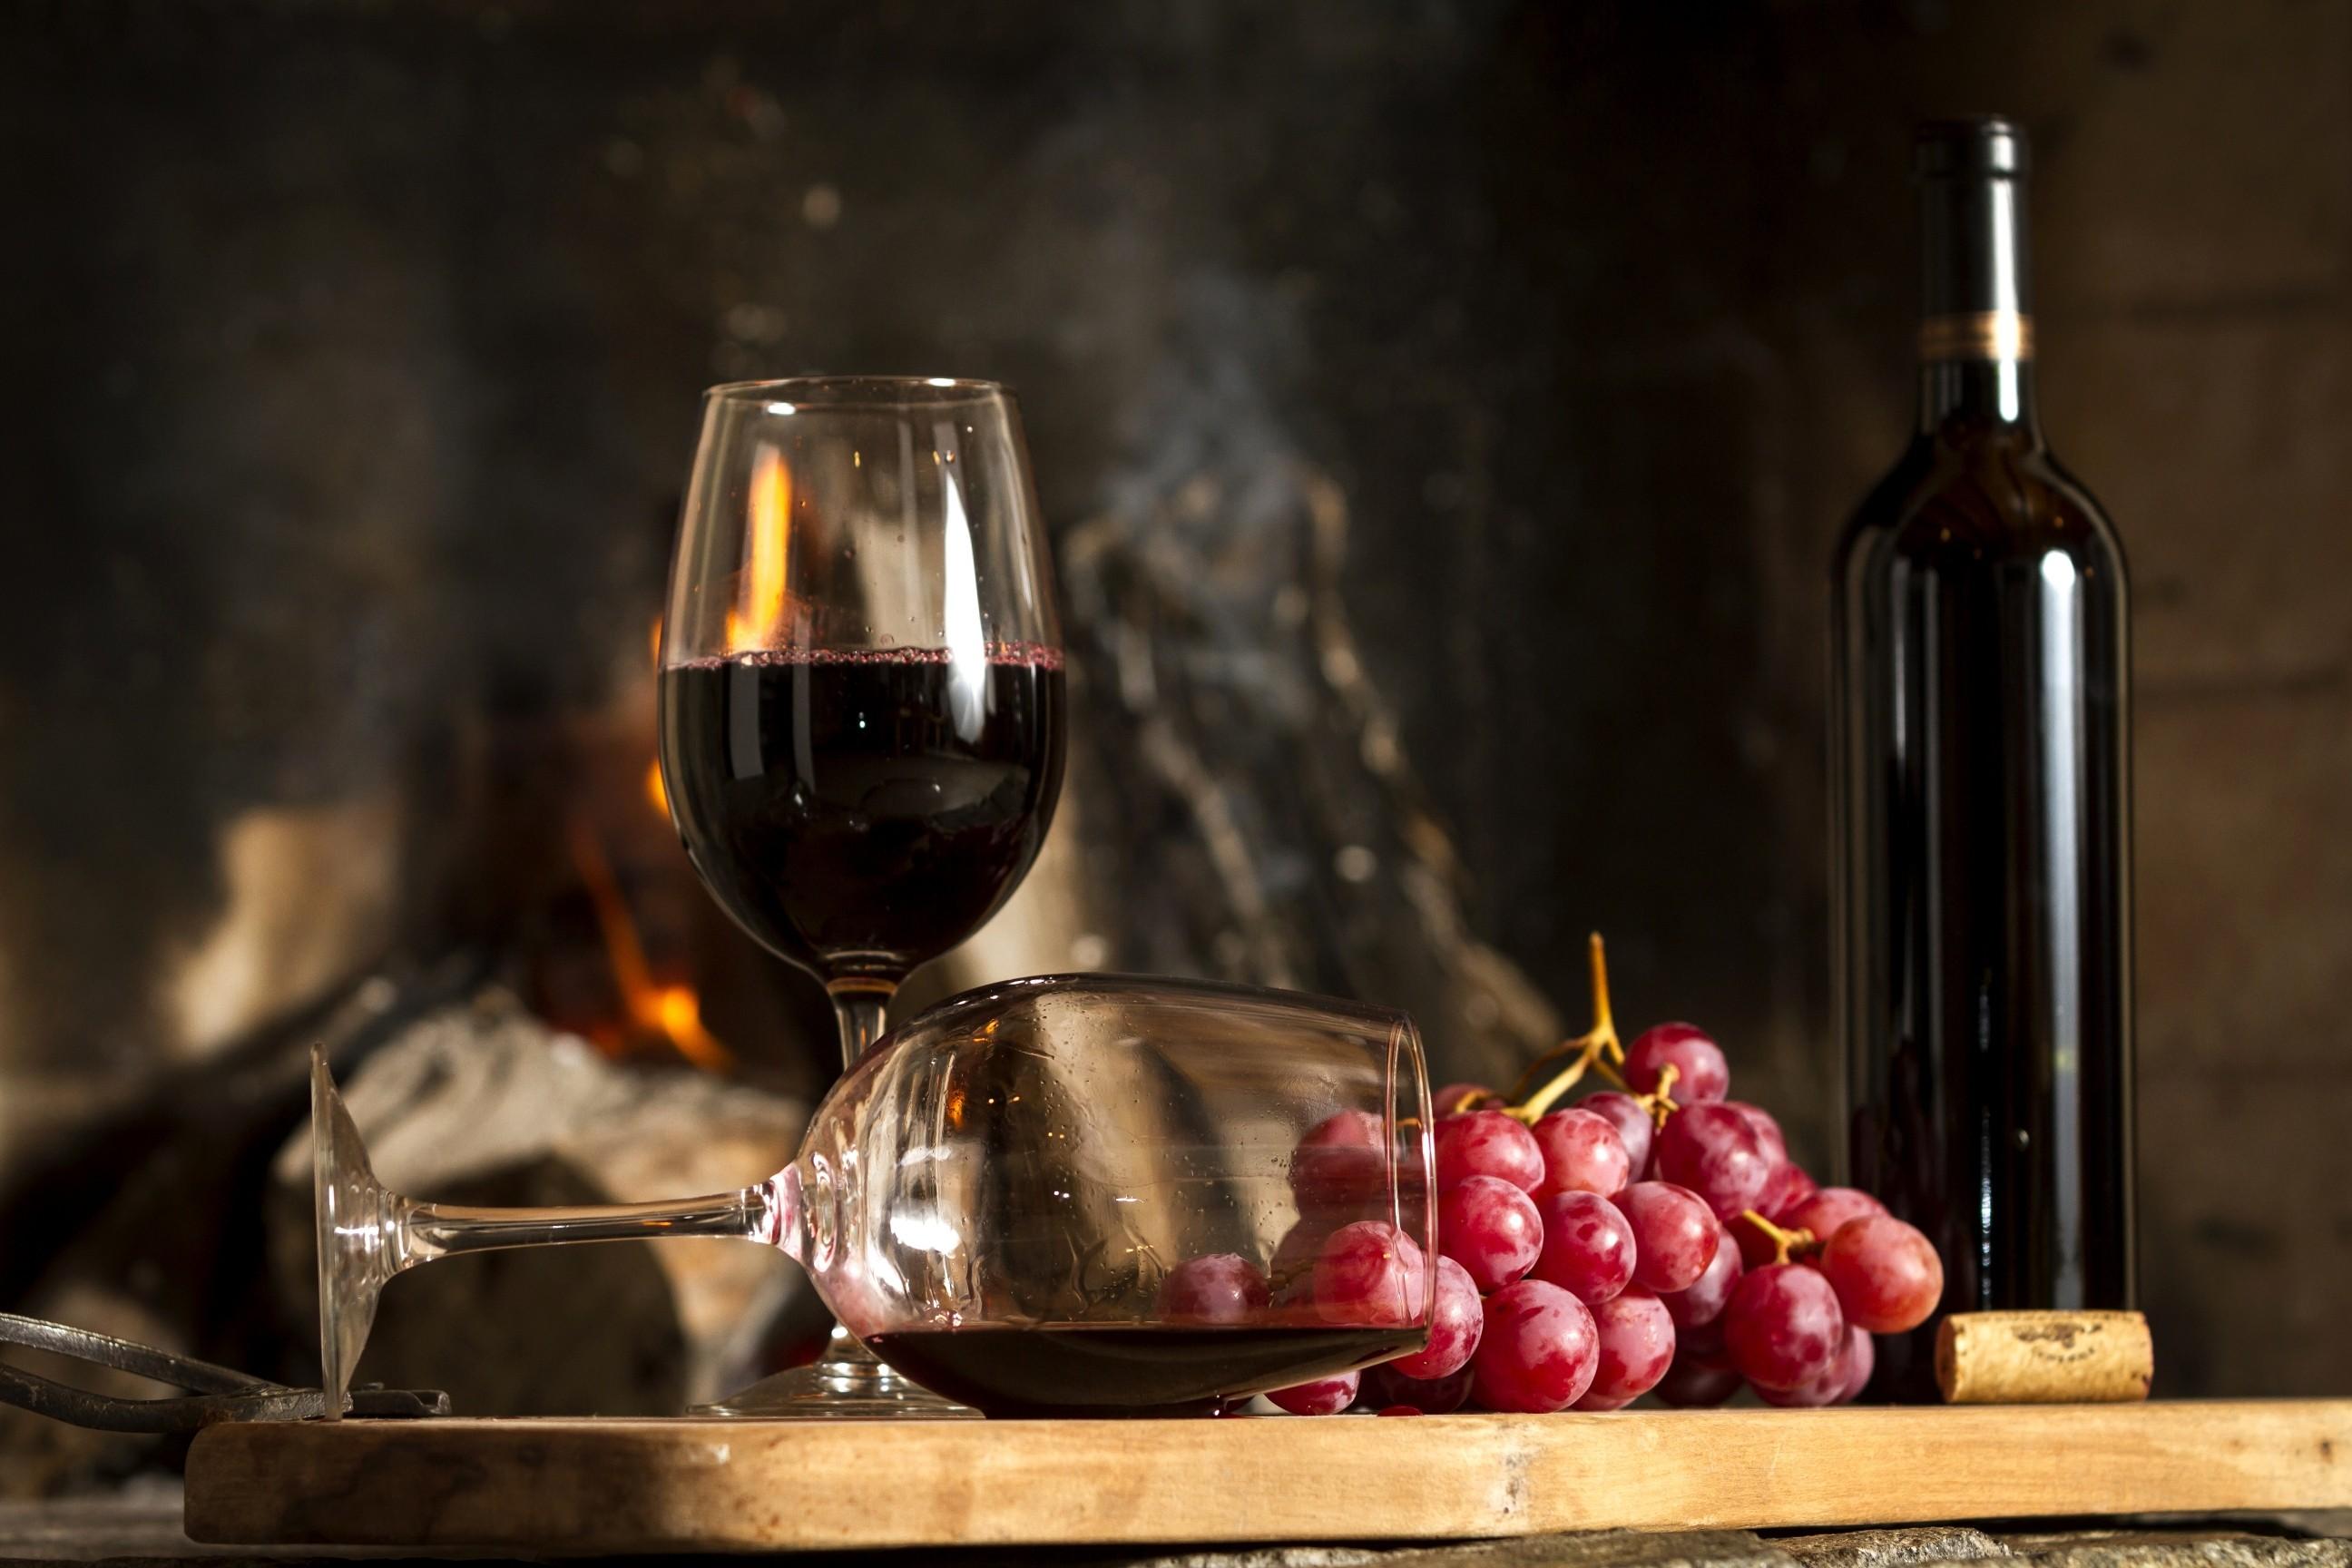 Картинки с вином для приветствия